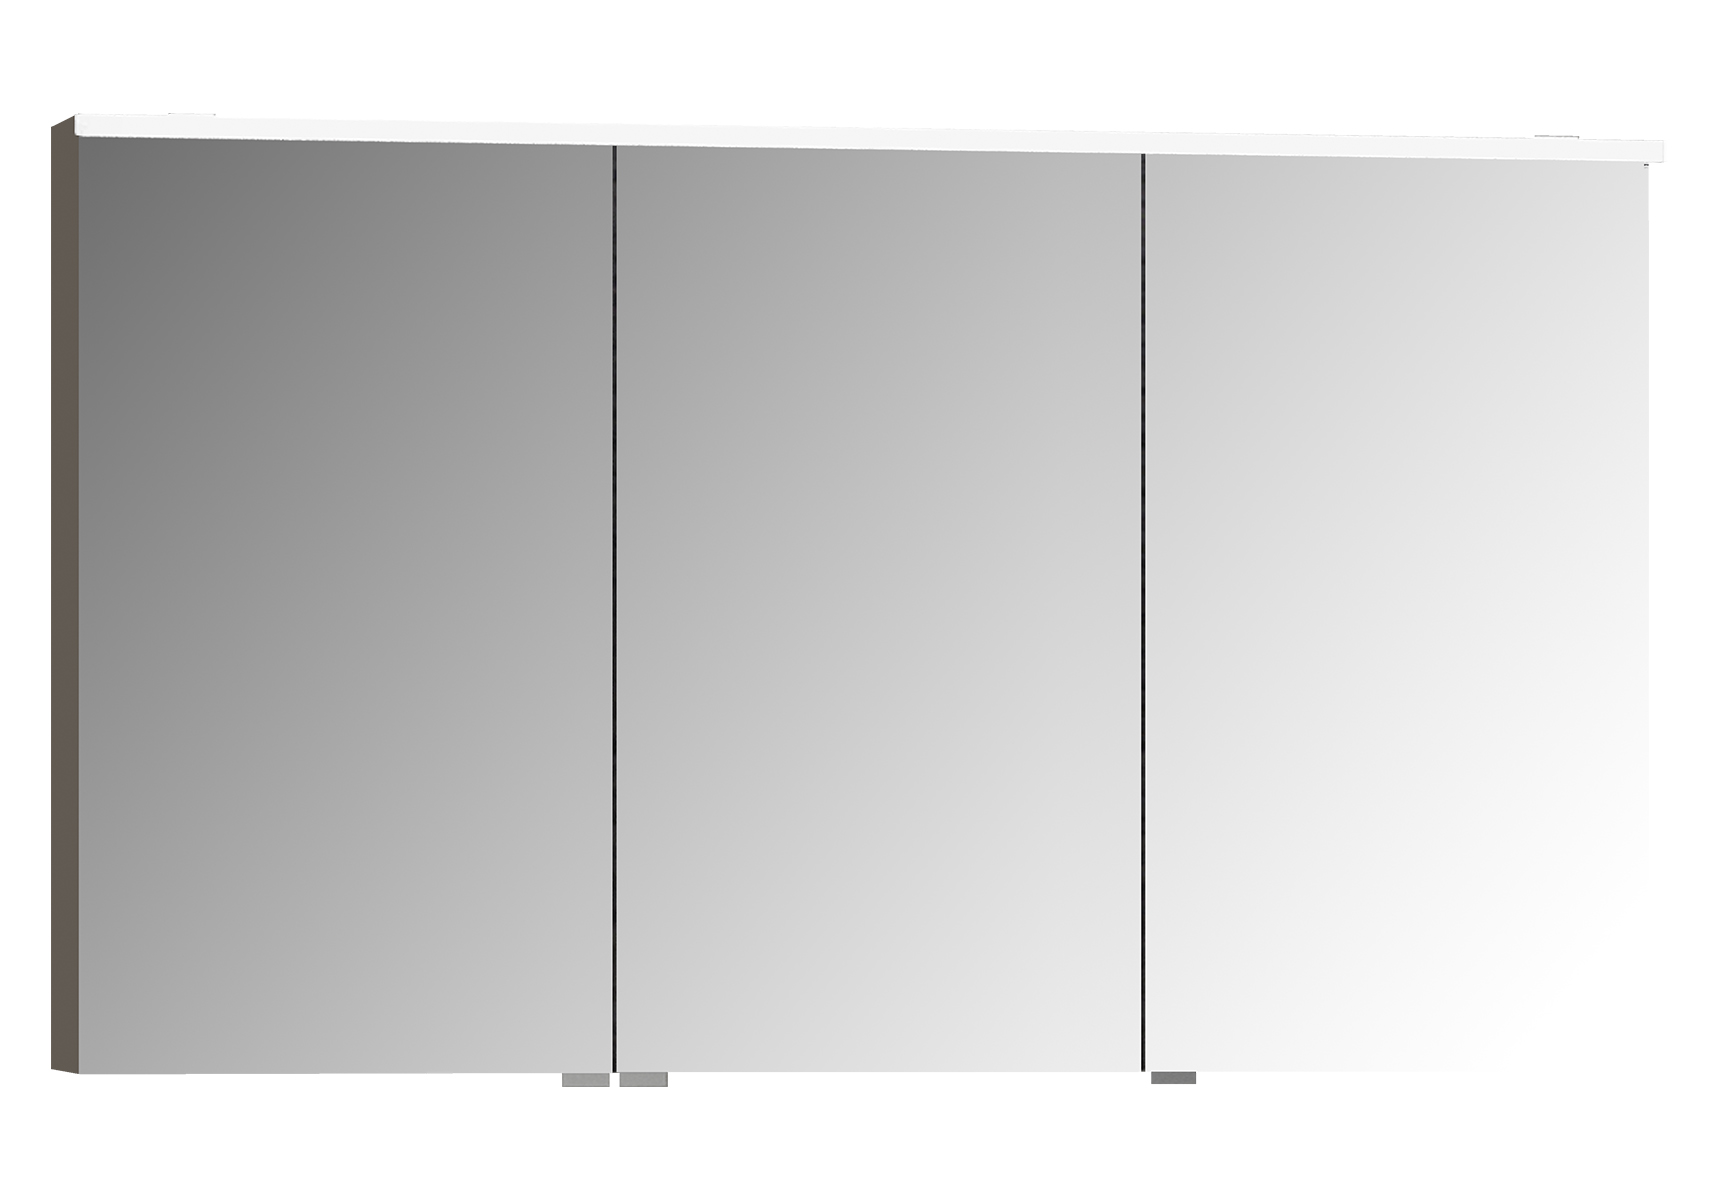 Sento Premium LED-Spiegelschrank, 120 cm, Anthrazit Matt